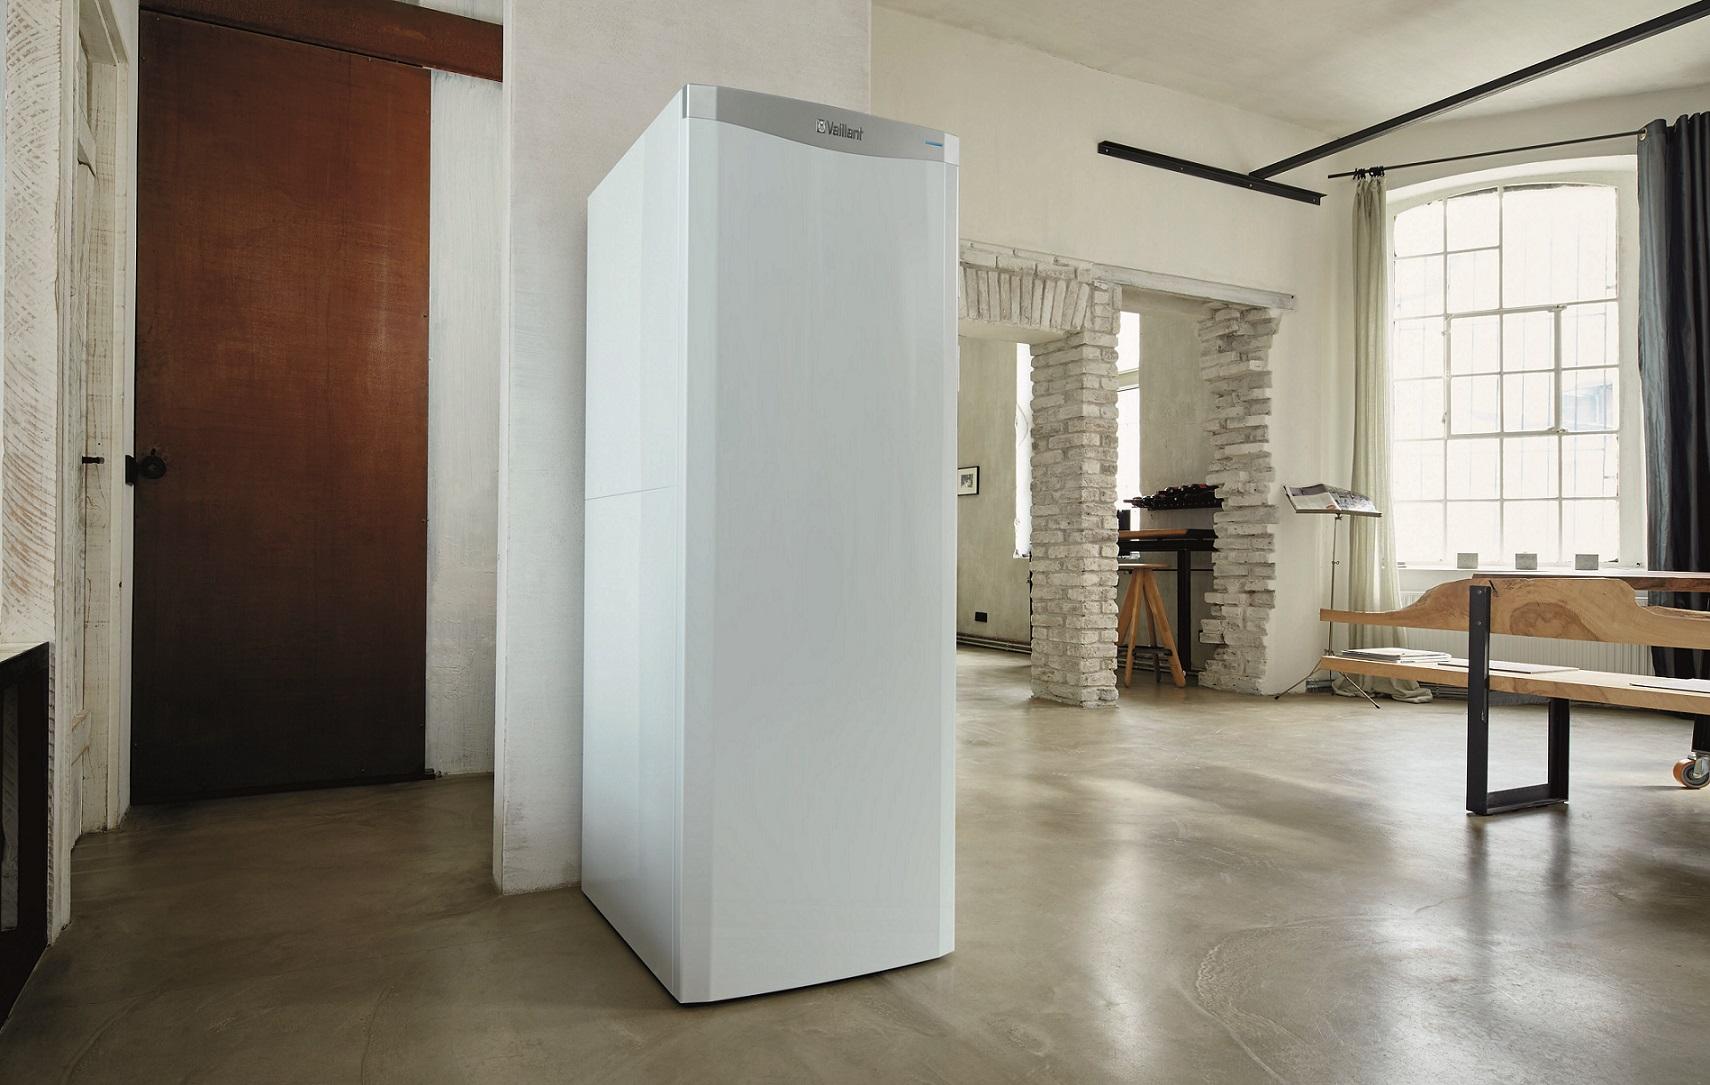 vaillant teste la pile combustible dans les maisons individuelles. Black Bedroom Furniture Sets. Home Design Ideas